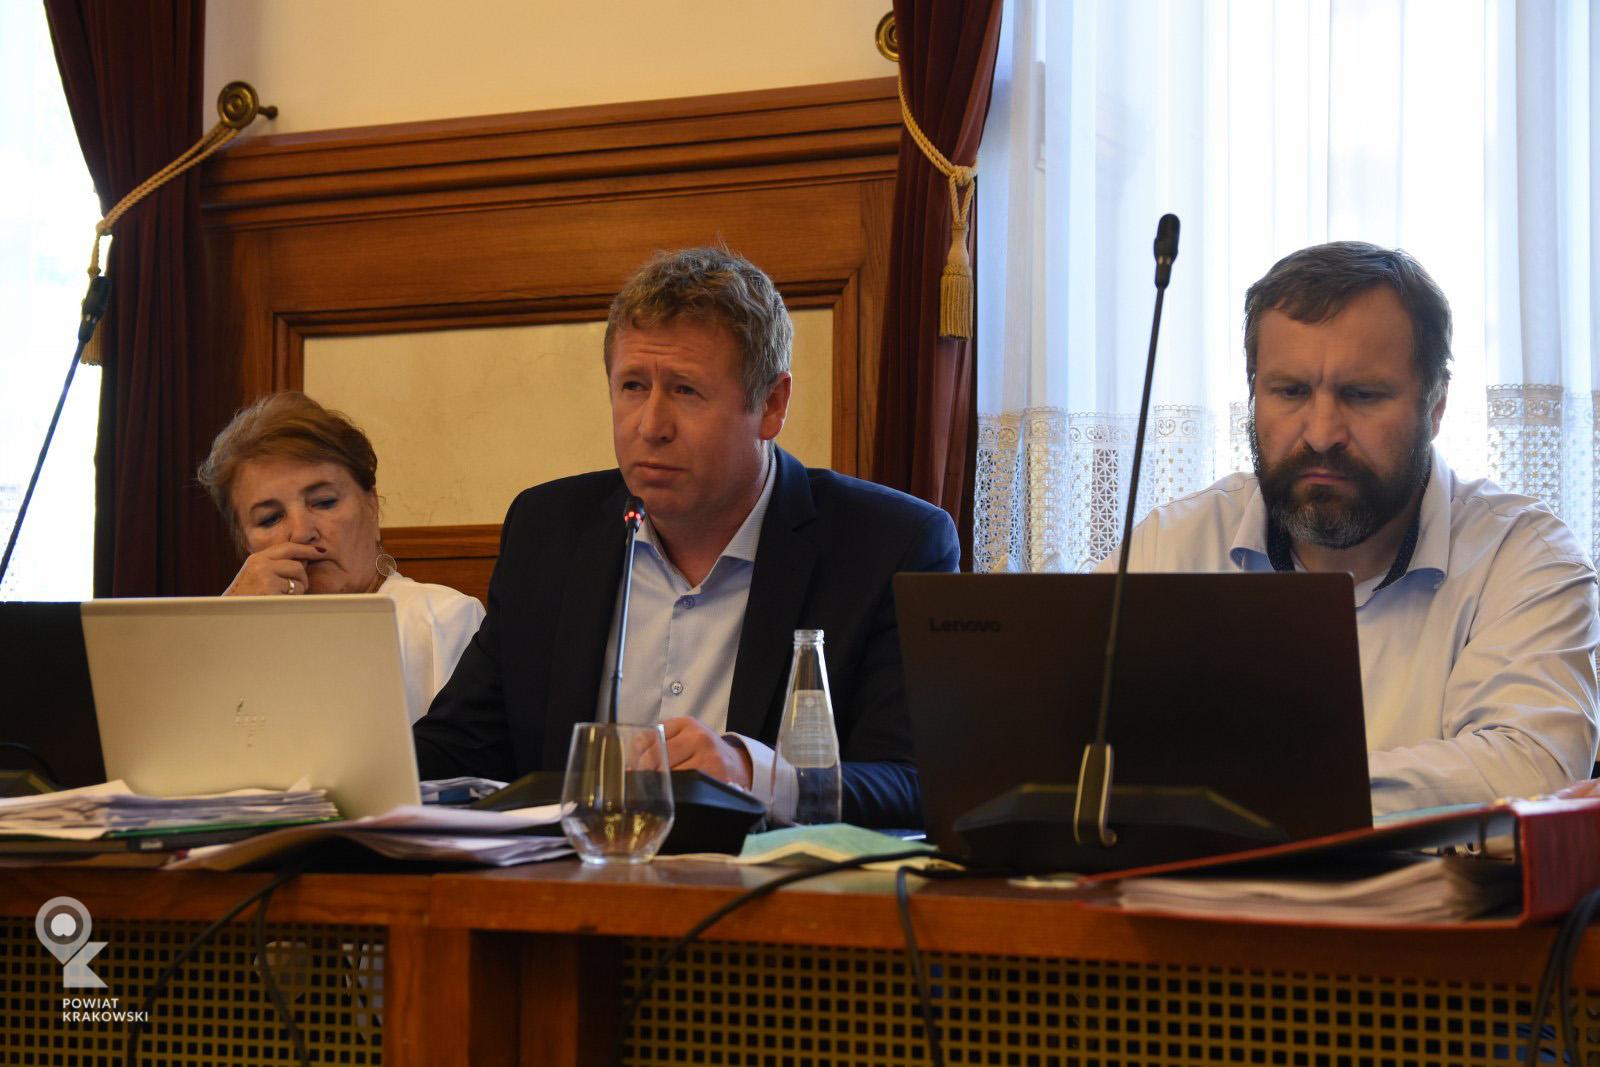 Radny Jarosław Raźny siedzi za stołem, patrzy w przód. Przed nim otwarty laptop